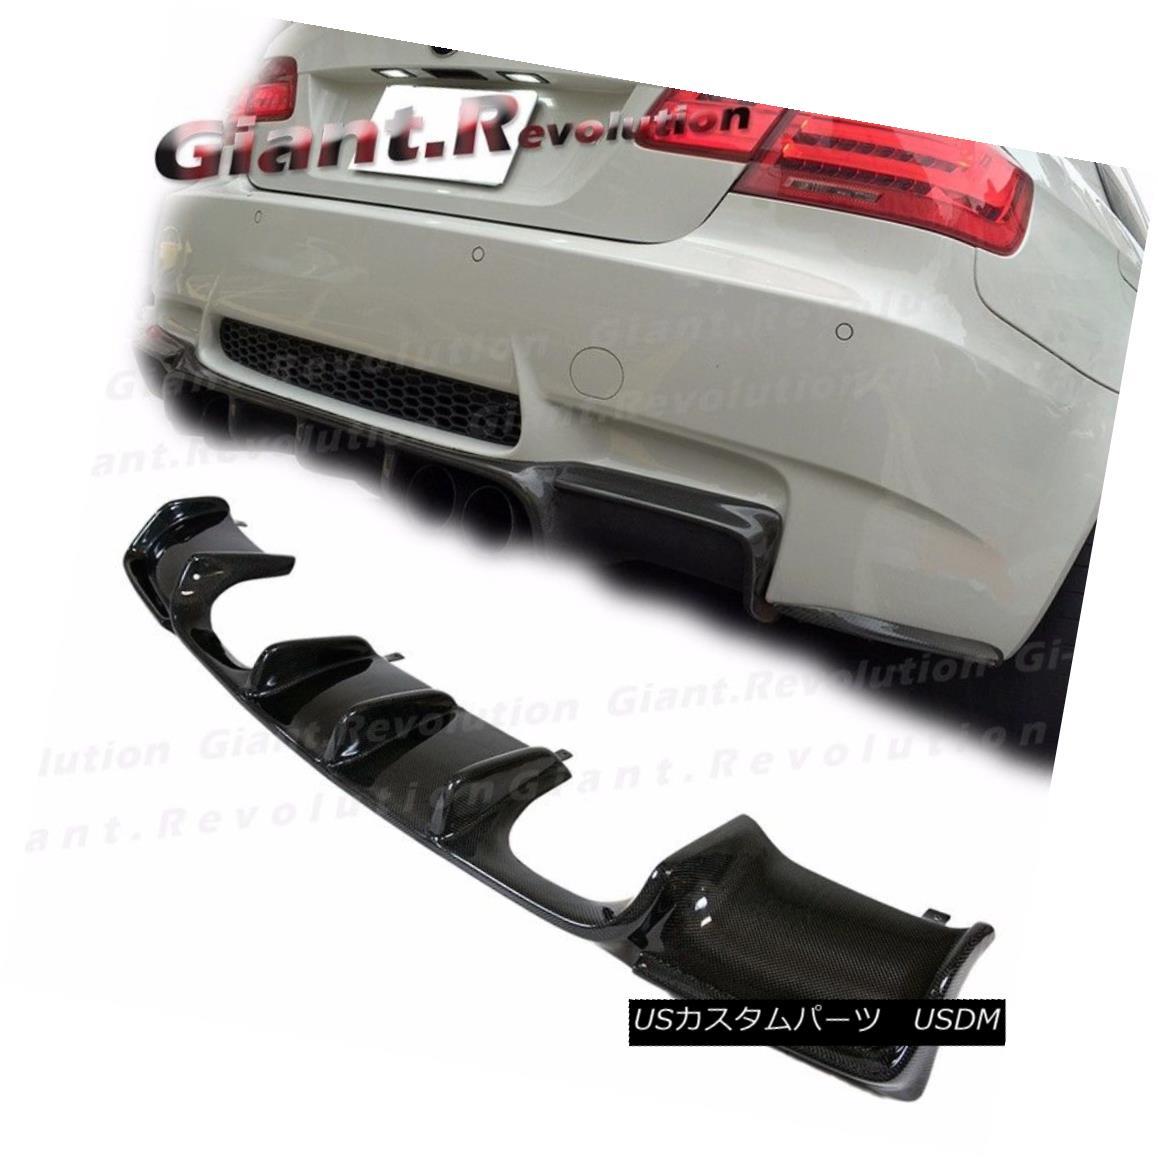 エアロパーツ GT Style Carbon Fiber Extended Lip Rear Diffuser Fit BMW 08-13 E92 E93 M3 Bumper GTスタイルカーボンファイバーエクステンデッドリップリアディフューザーフィットBMW 08-13 E92 E93 M3バンパー